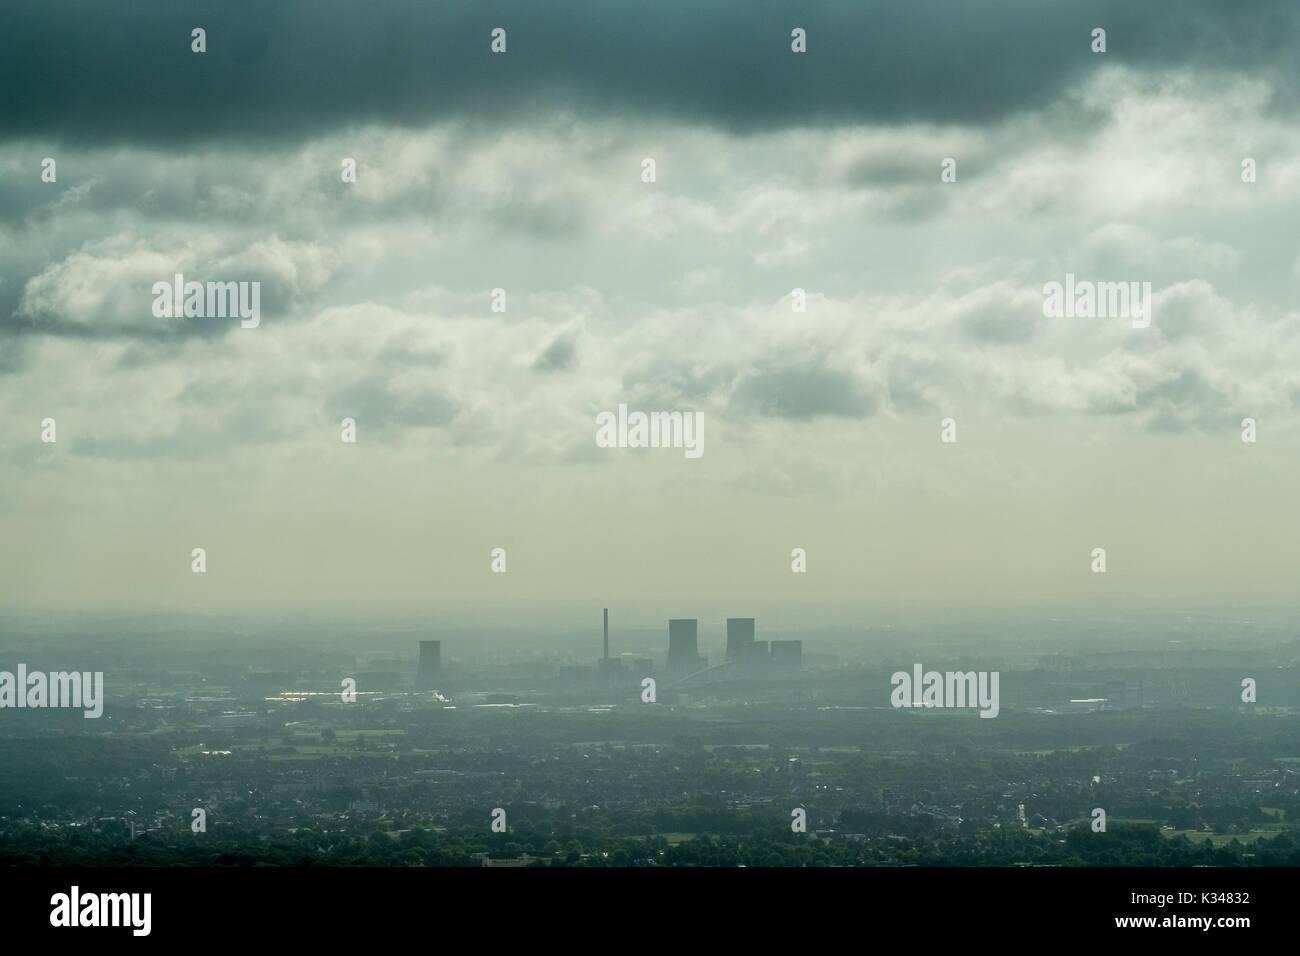 Kraftwerk Westfalen von Bockum-Hövel aus gesehen, Hamm, dunkle Wolken über dem Hammer Kraftwerk, Bayern, Deutschland, Europa, Hamm, Lufta Stockbild